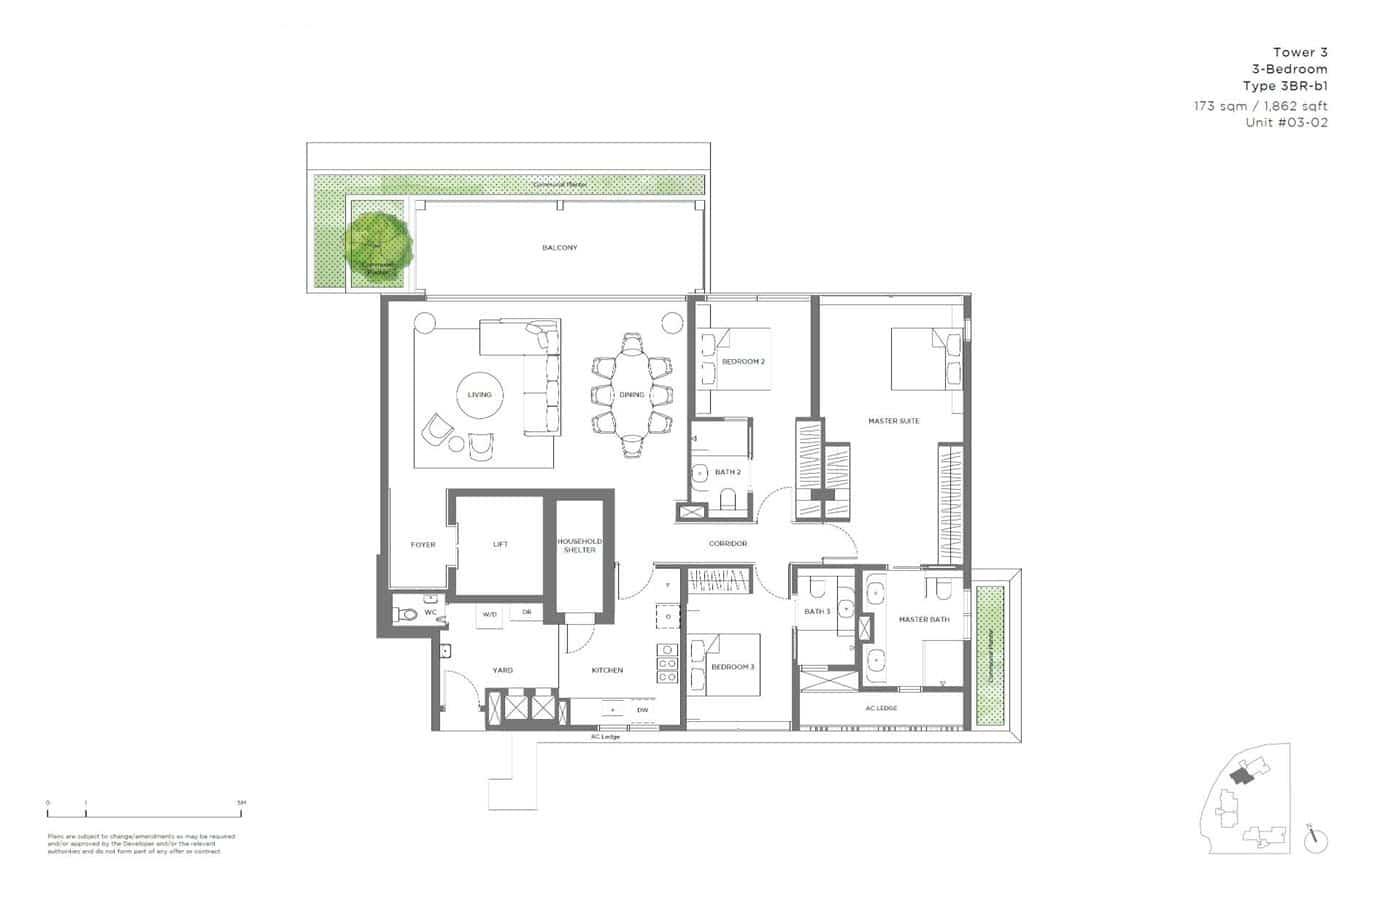 15 Holland Hill - Floor Plan - 3 Bedroom 3BR-b1